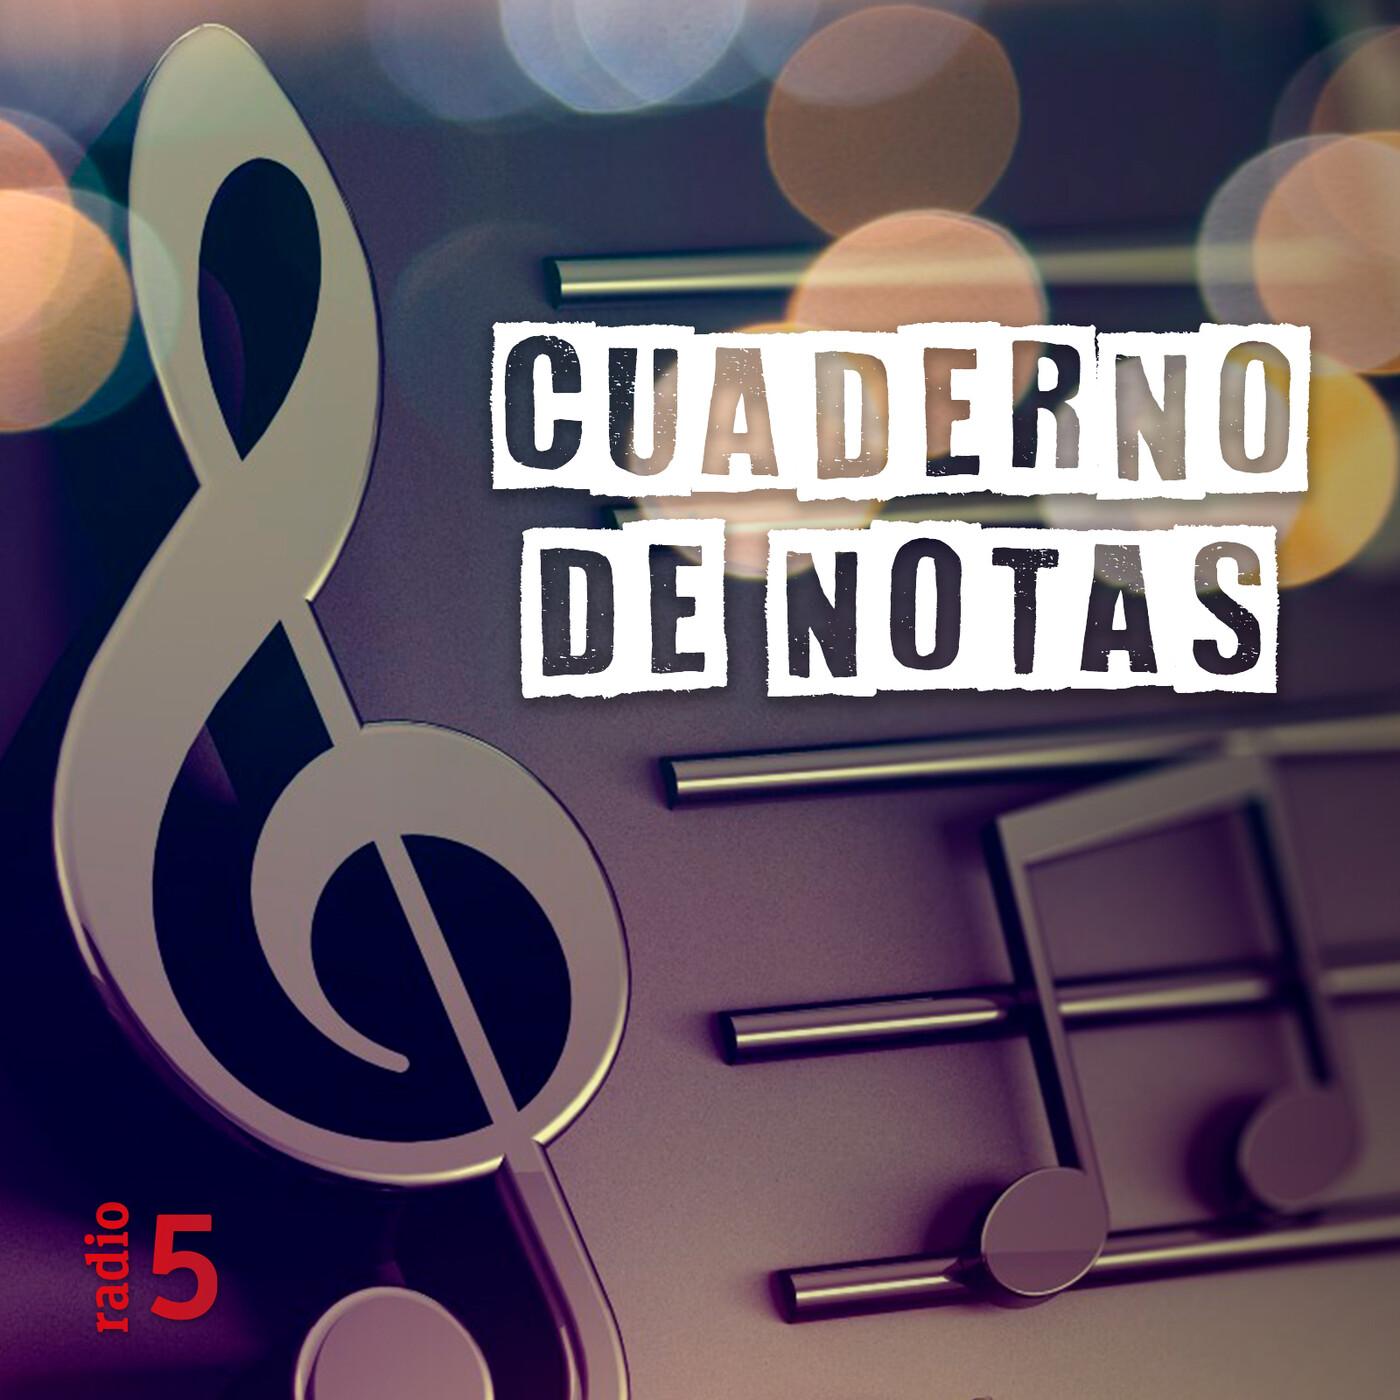 Cuaderno de notas - 'El matrimonio secreto', la ópera de Cimarosa - 19/10/20